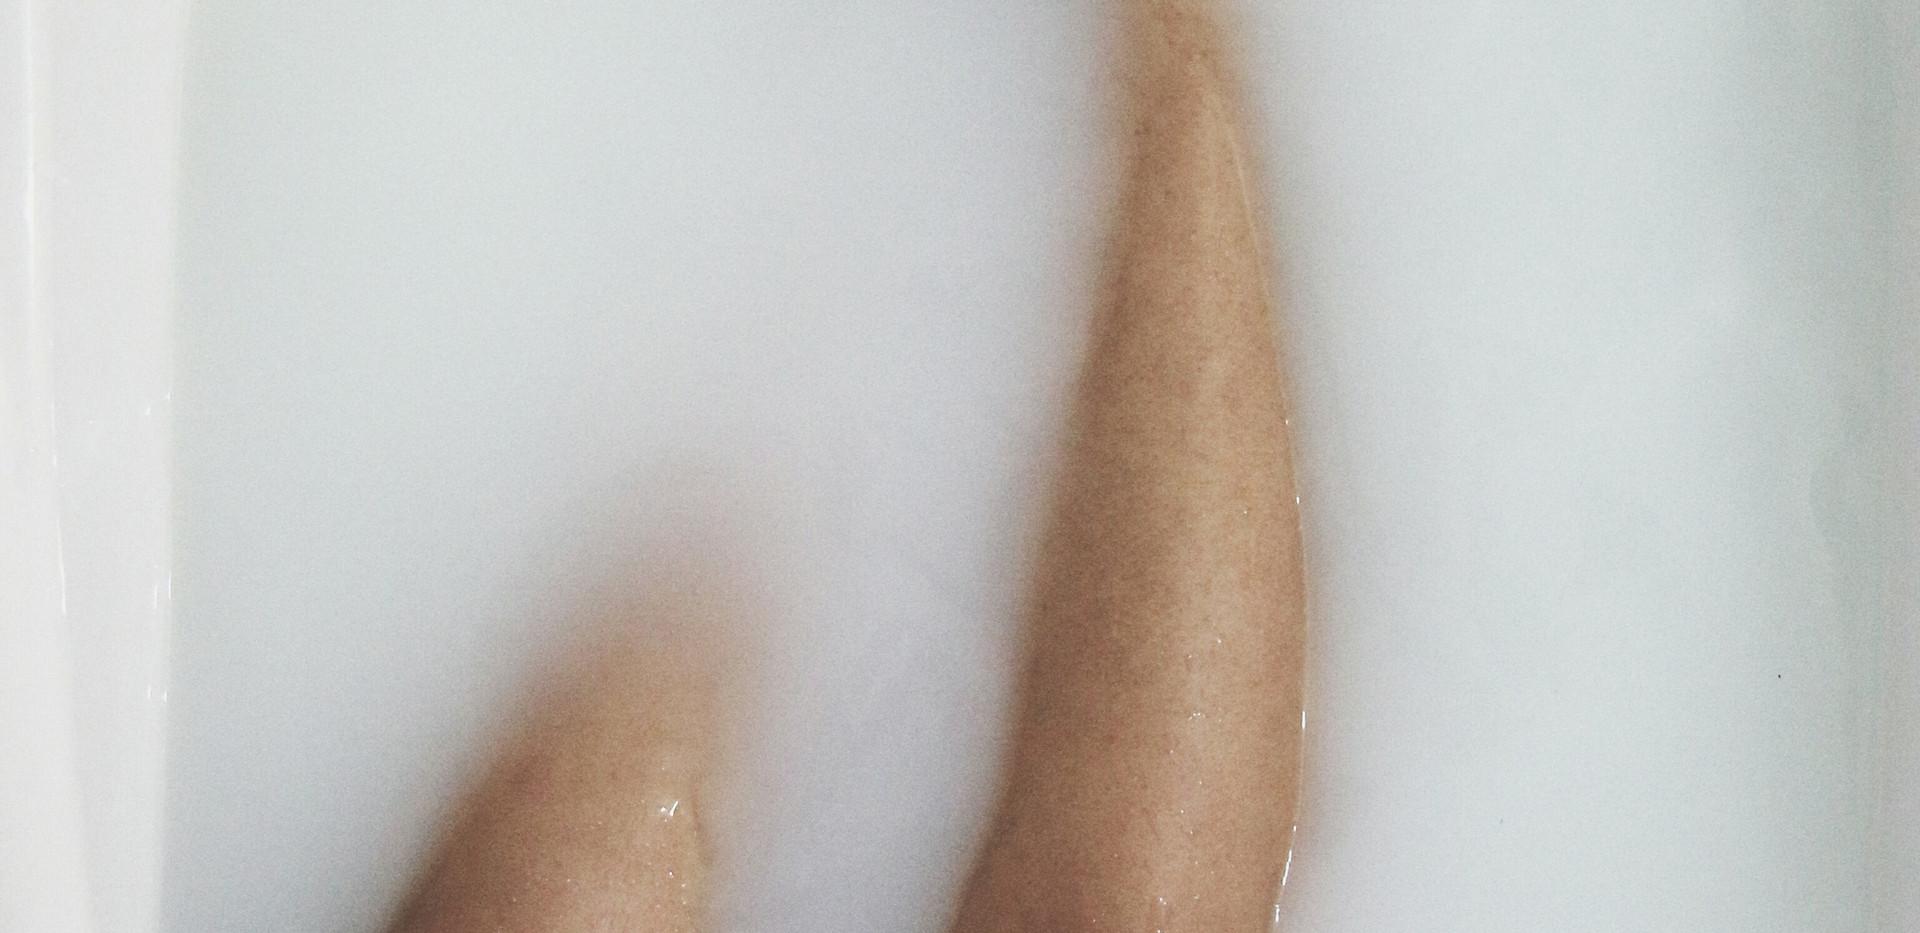 Feet in Bathtub